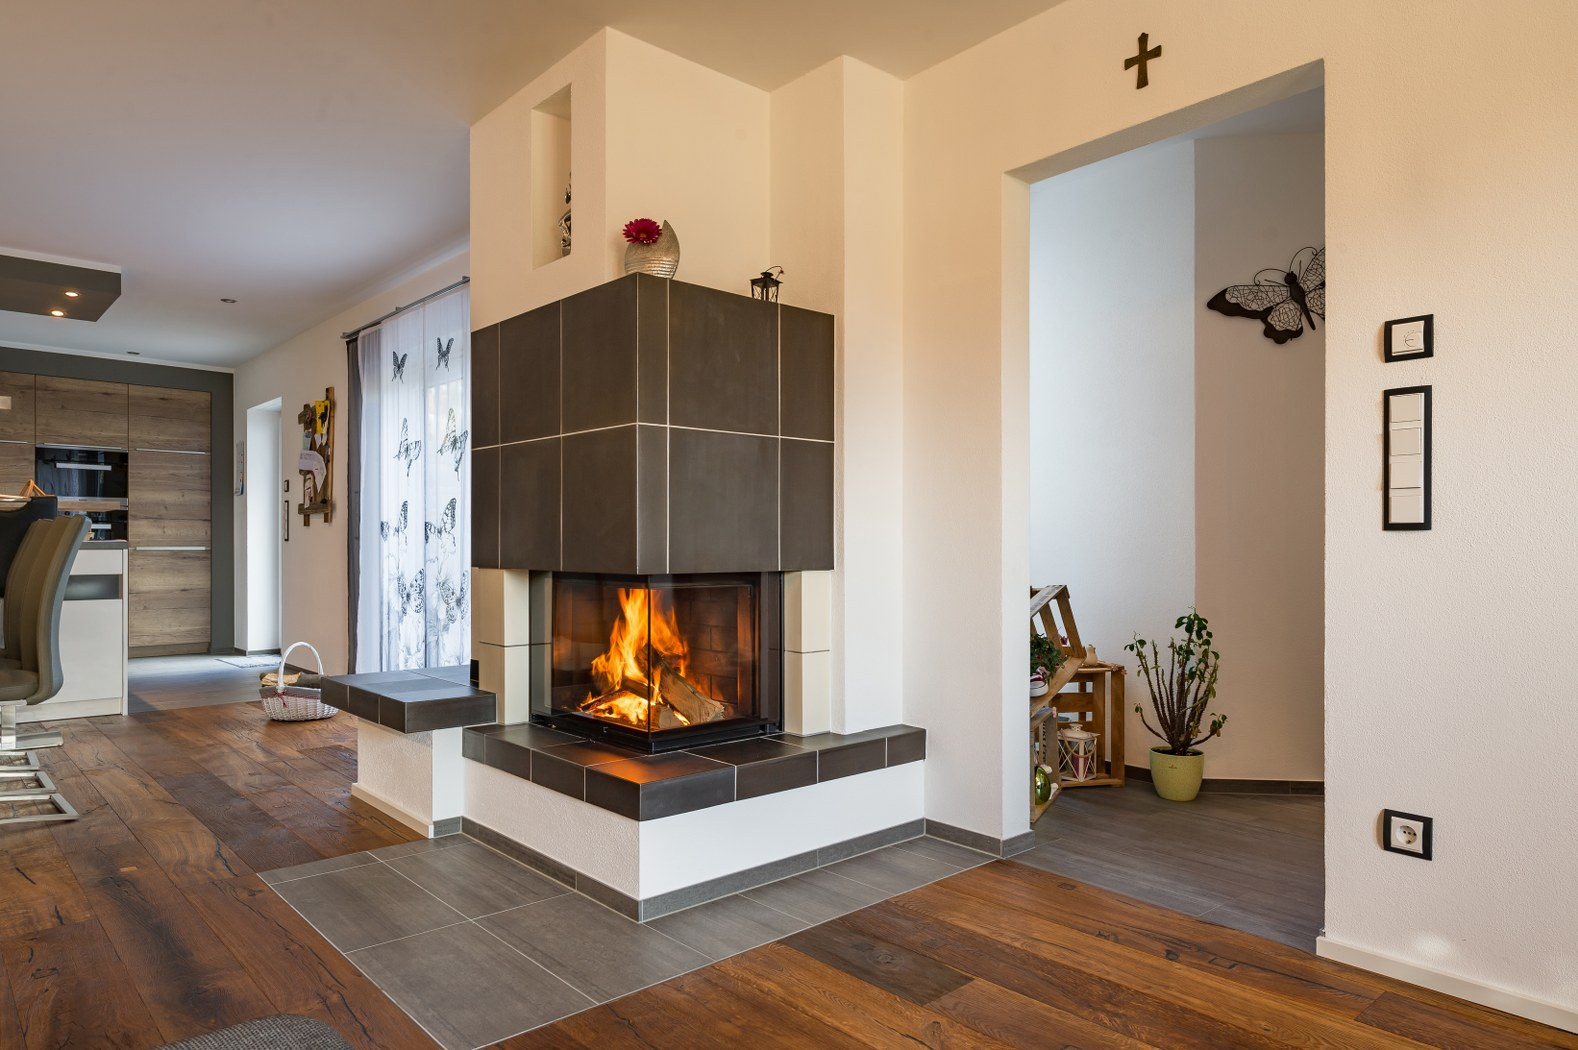 kamin keramik esszimmer wohnzimmer kachelofen hilpert feuer spa. Black Bedroom Furniture Sets. Home Design Ideas